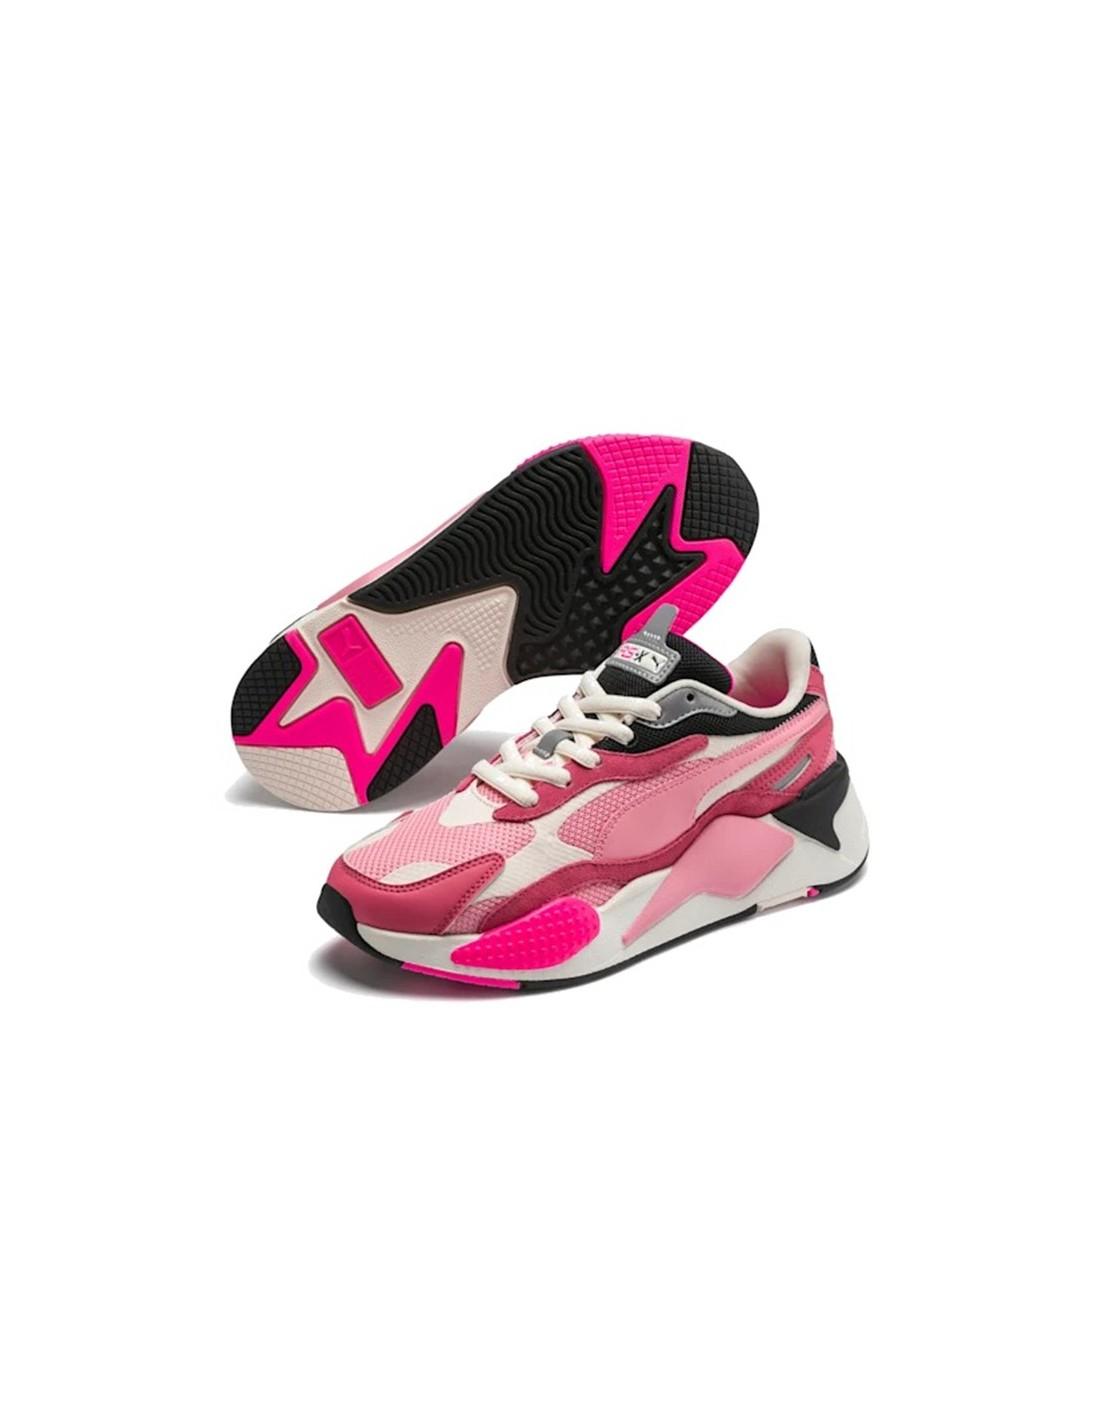 La nuova sneakers Puma 371570 RS X3 PUZZLE disponibili online